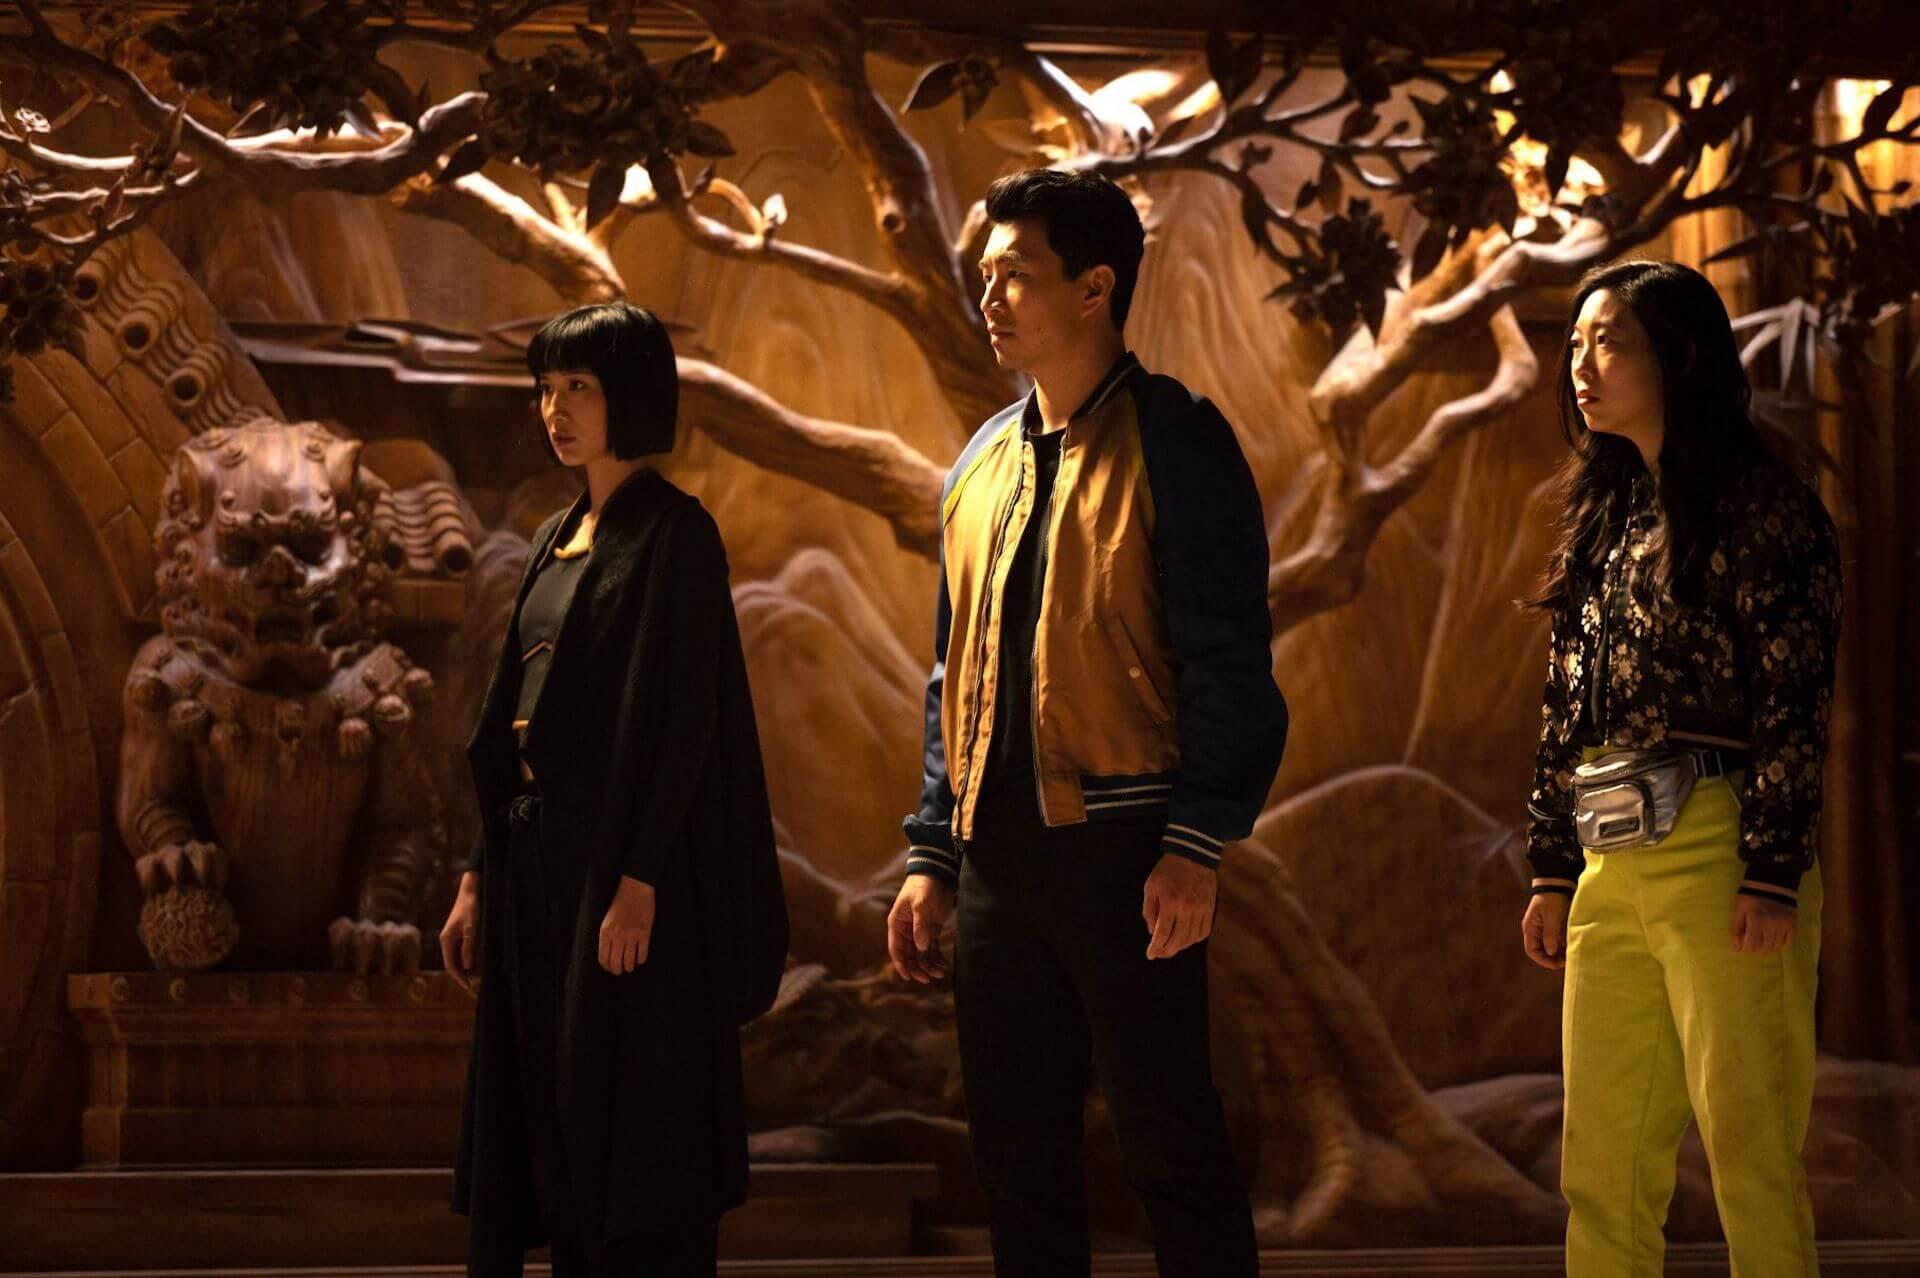 『ドクター・ストレンジ』にも登場するウォンが『シャン・チー/テン・リングスの伝説』で活躍する!?予告編にも登場 film210902_shang_chi_3